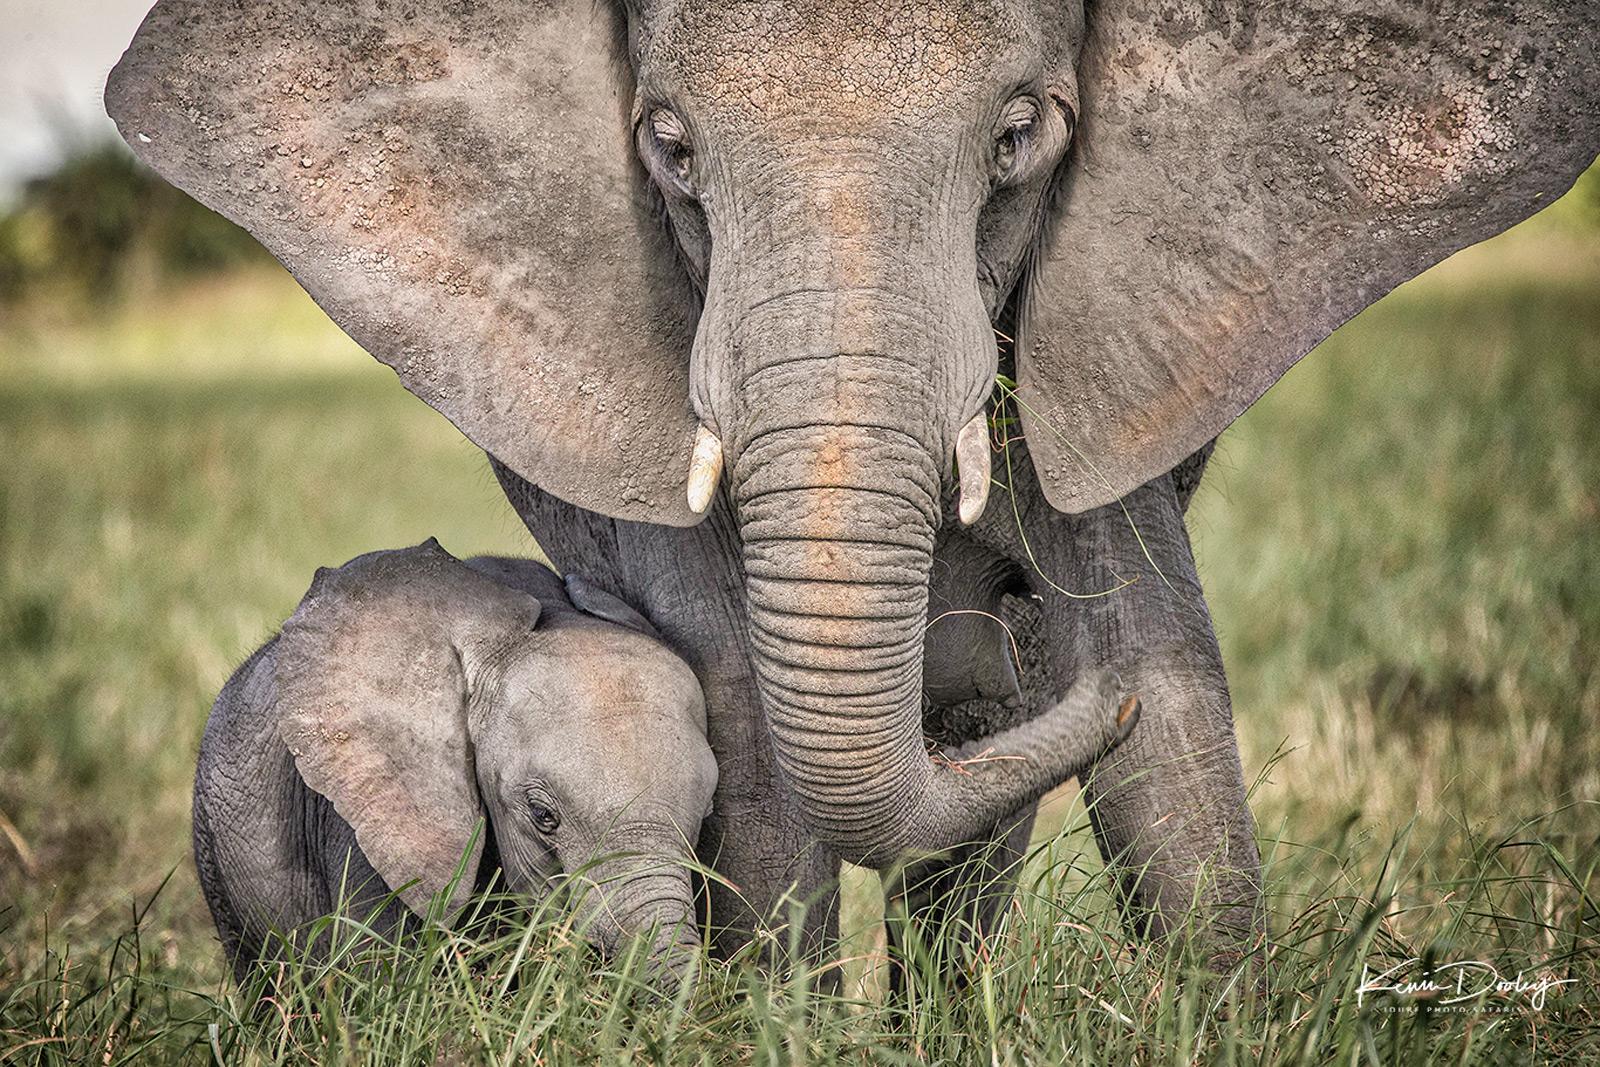 An elephant mother with her calf. Okavango Delta, Botswana © Kevin Dooley